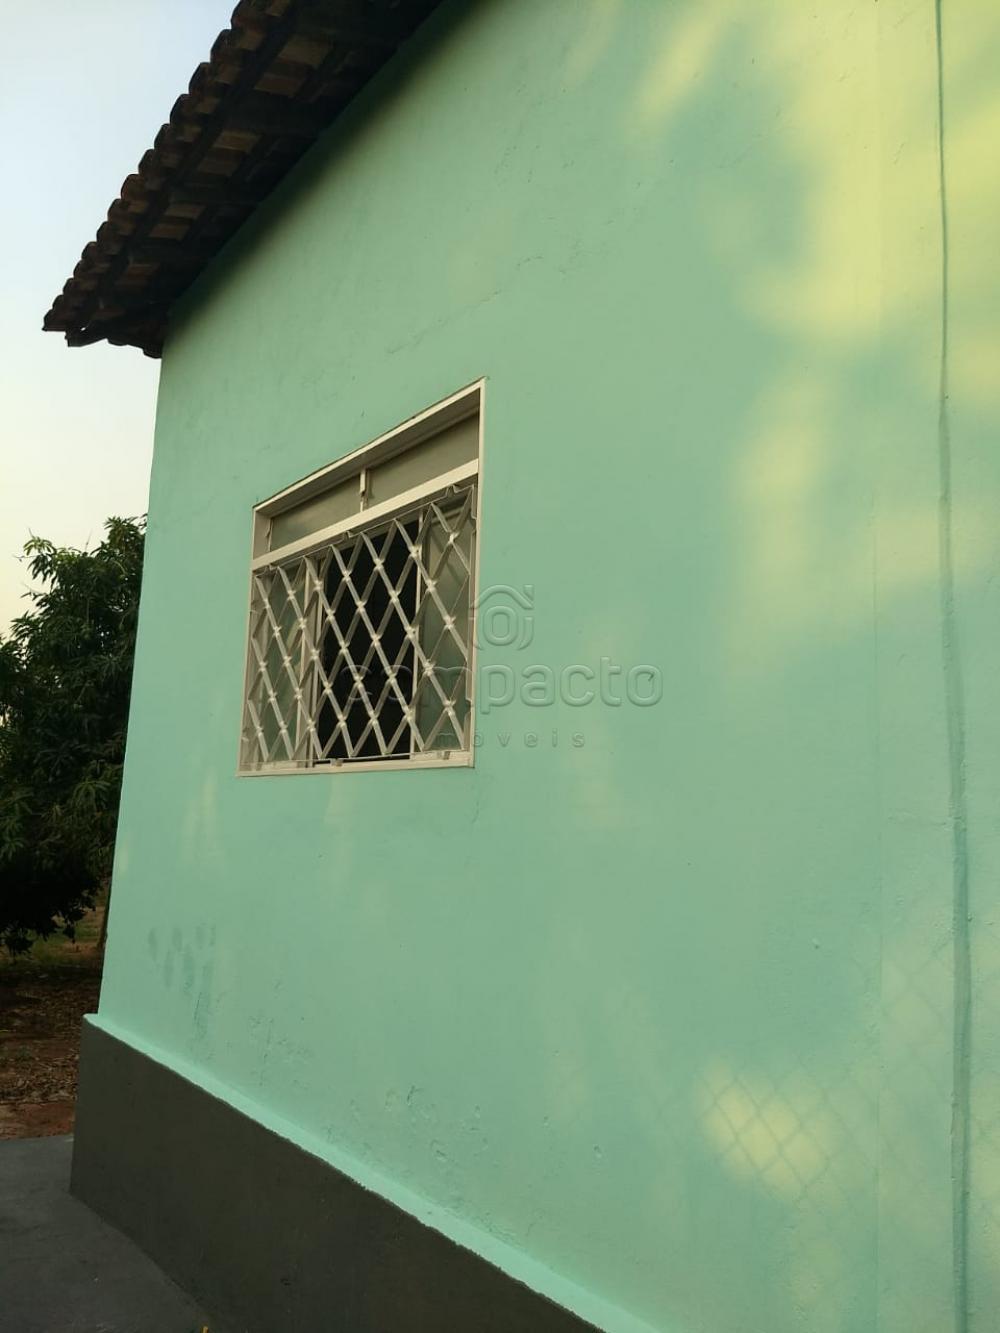 Comprar Rural / Chácara em São José do Rio Preto apenas R$ 254.400,00 - Foto 24